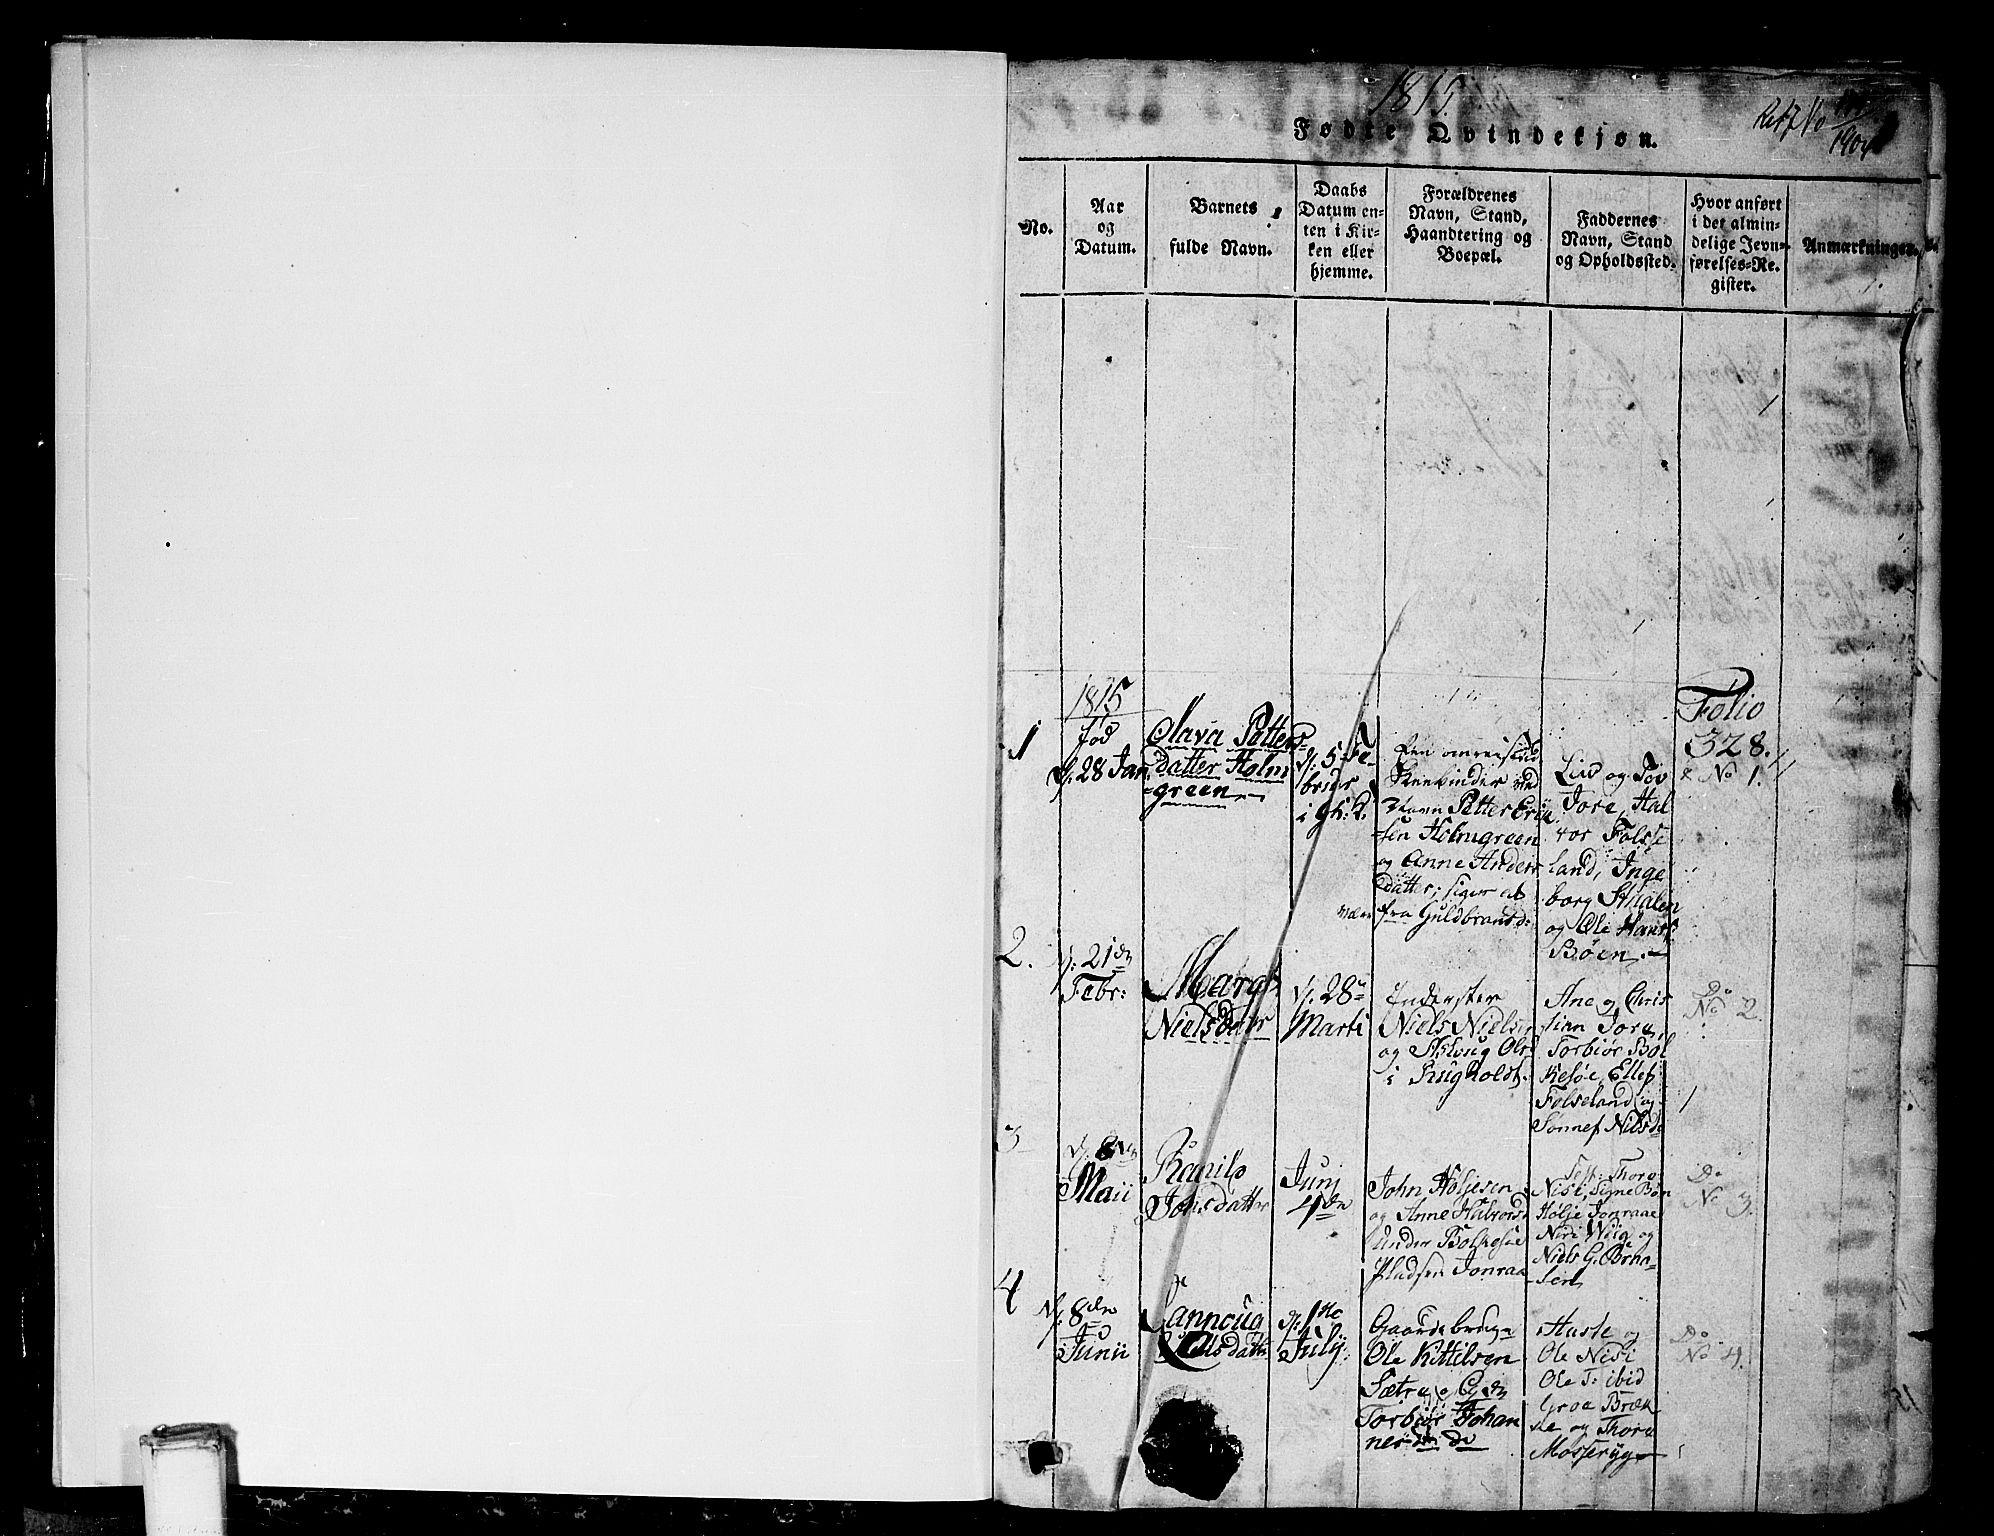 SAKO, Gransherad kirkebøker, G/Ga/L0001: Klokkerbok nr. I 1, 1815-1842, s. 1